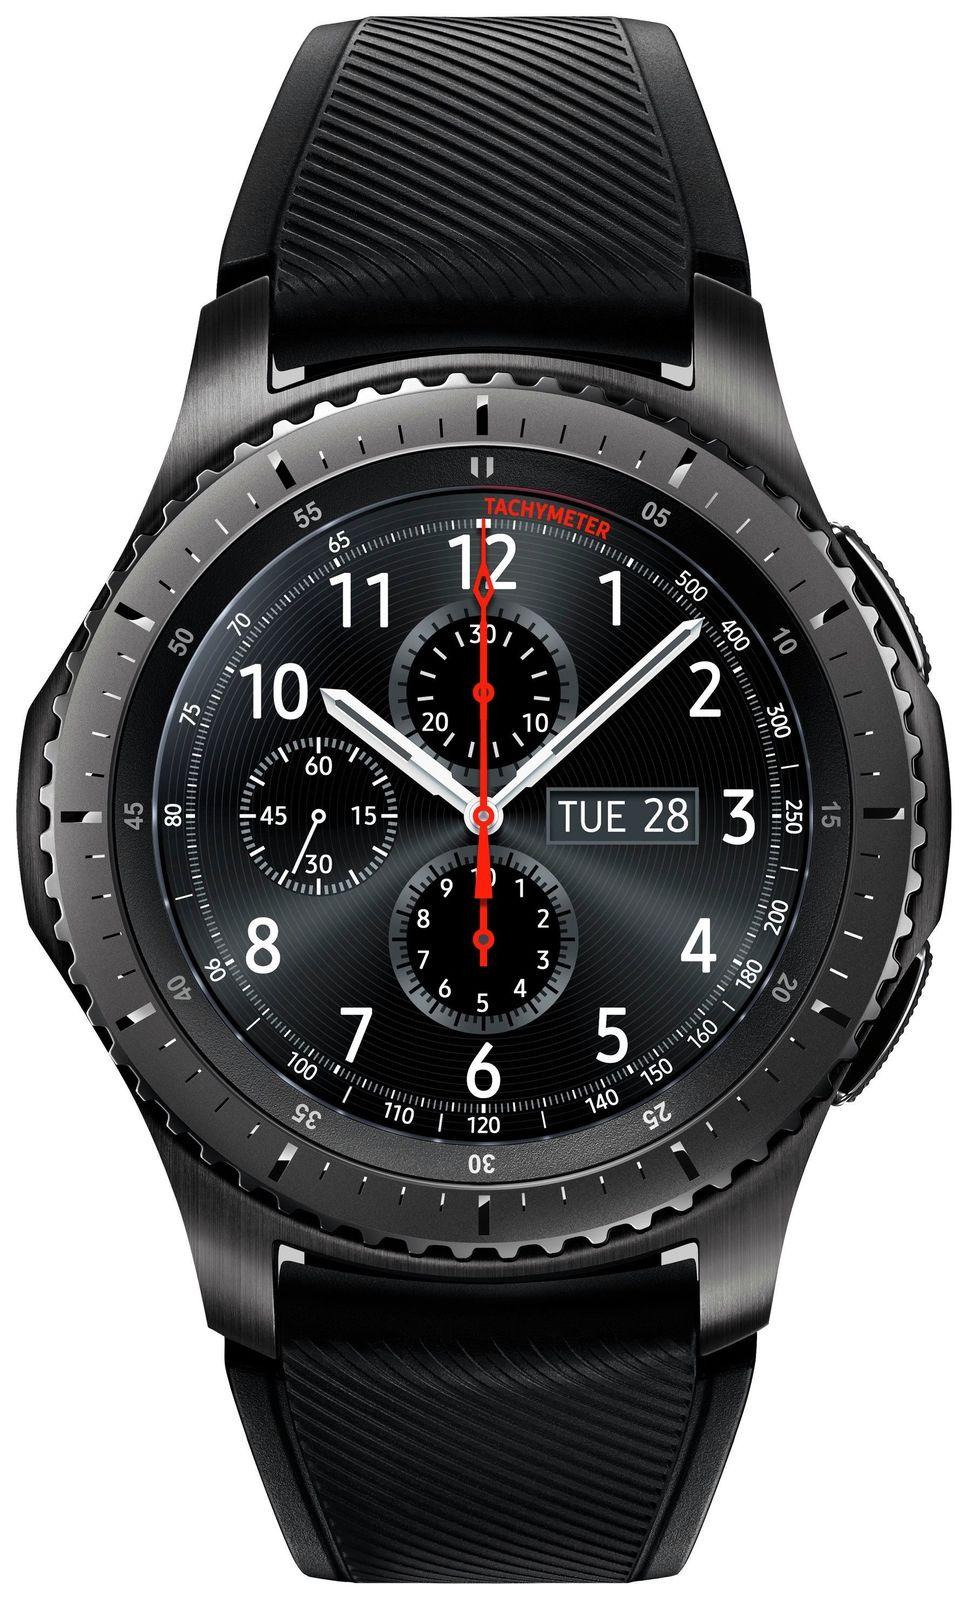 Samsung Gear S3 Frontier Smart Watch - £85.99 @ Argos / eBay